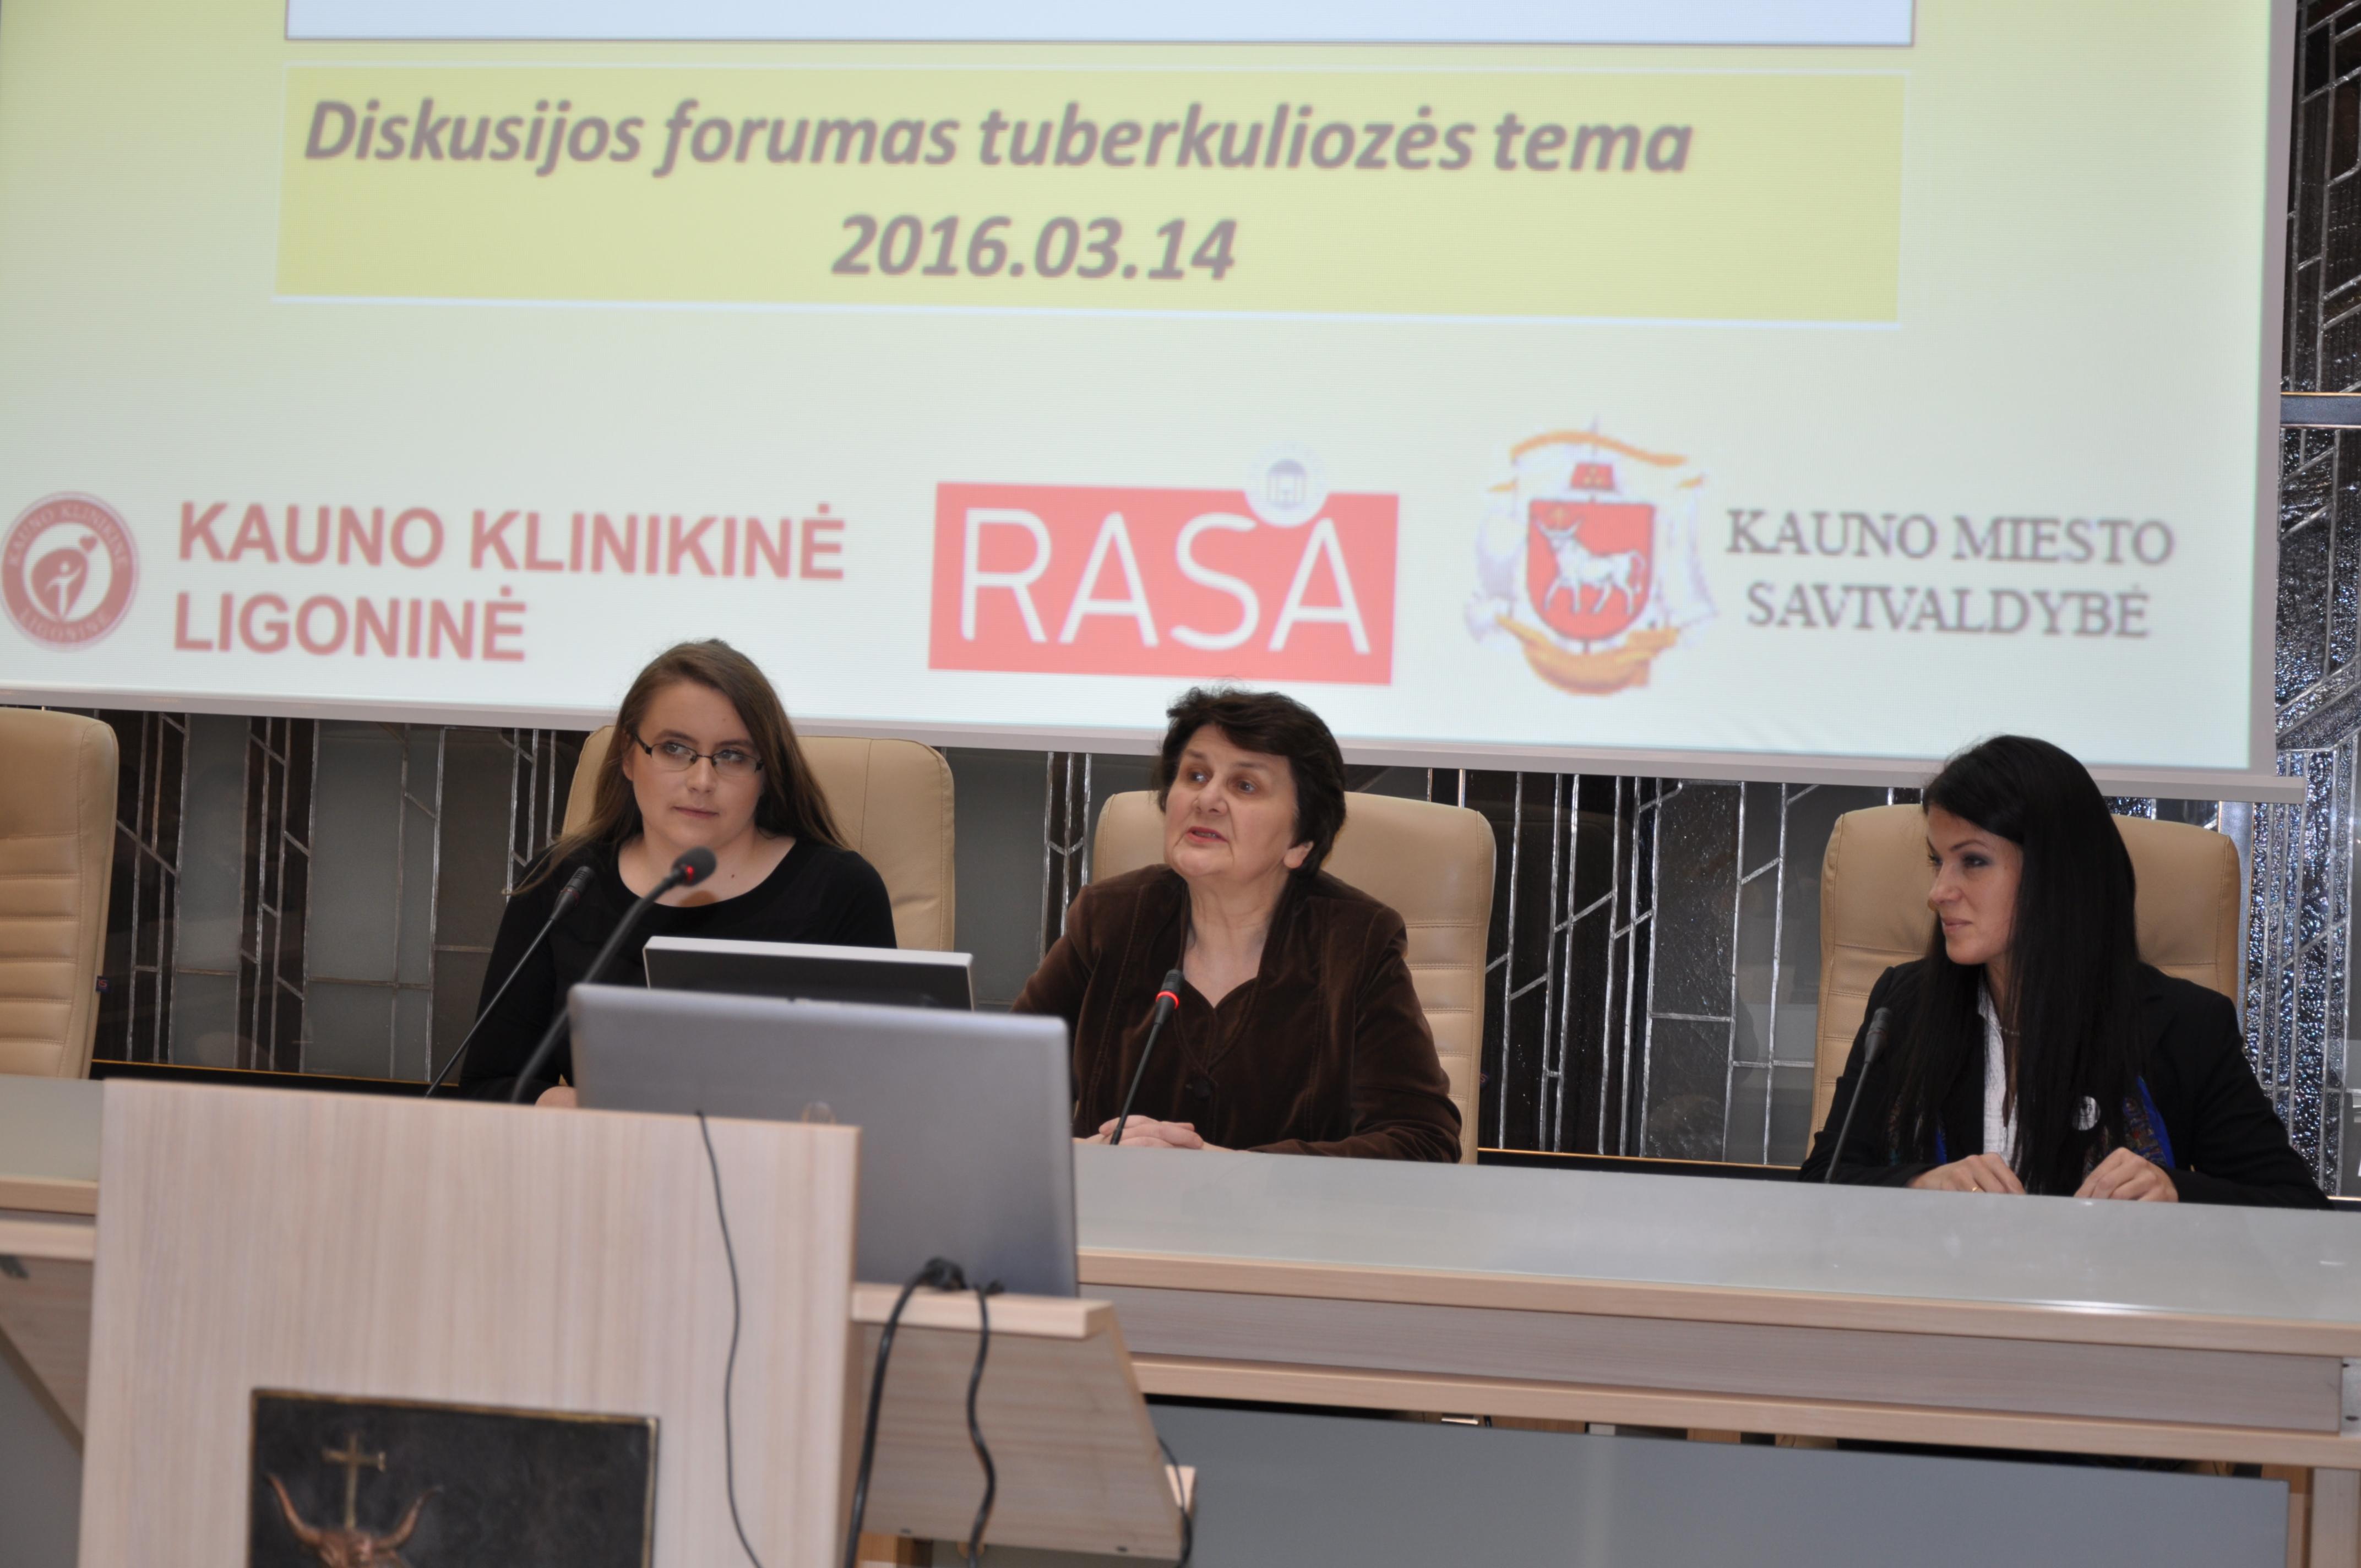 Diskusijos forumas